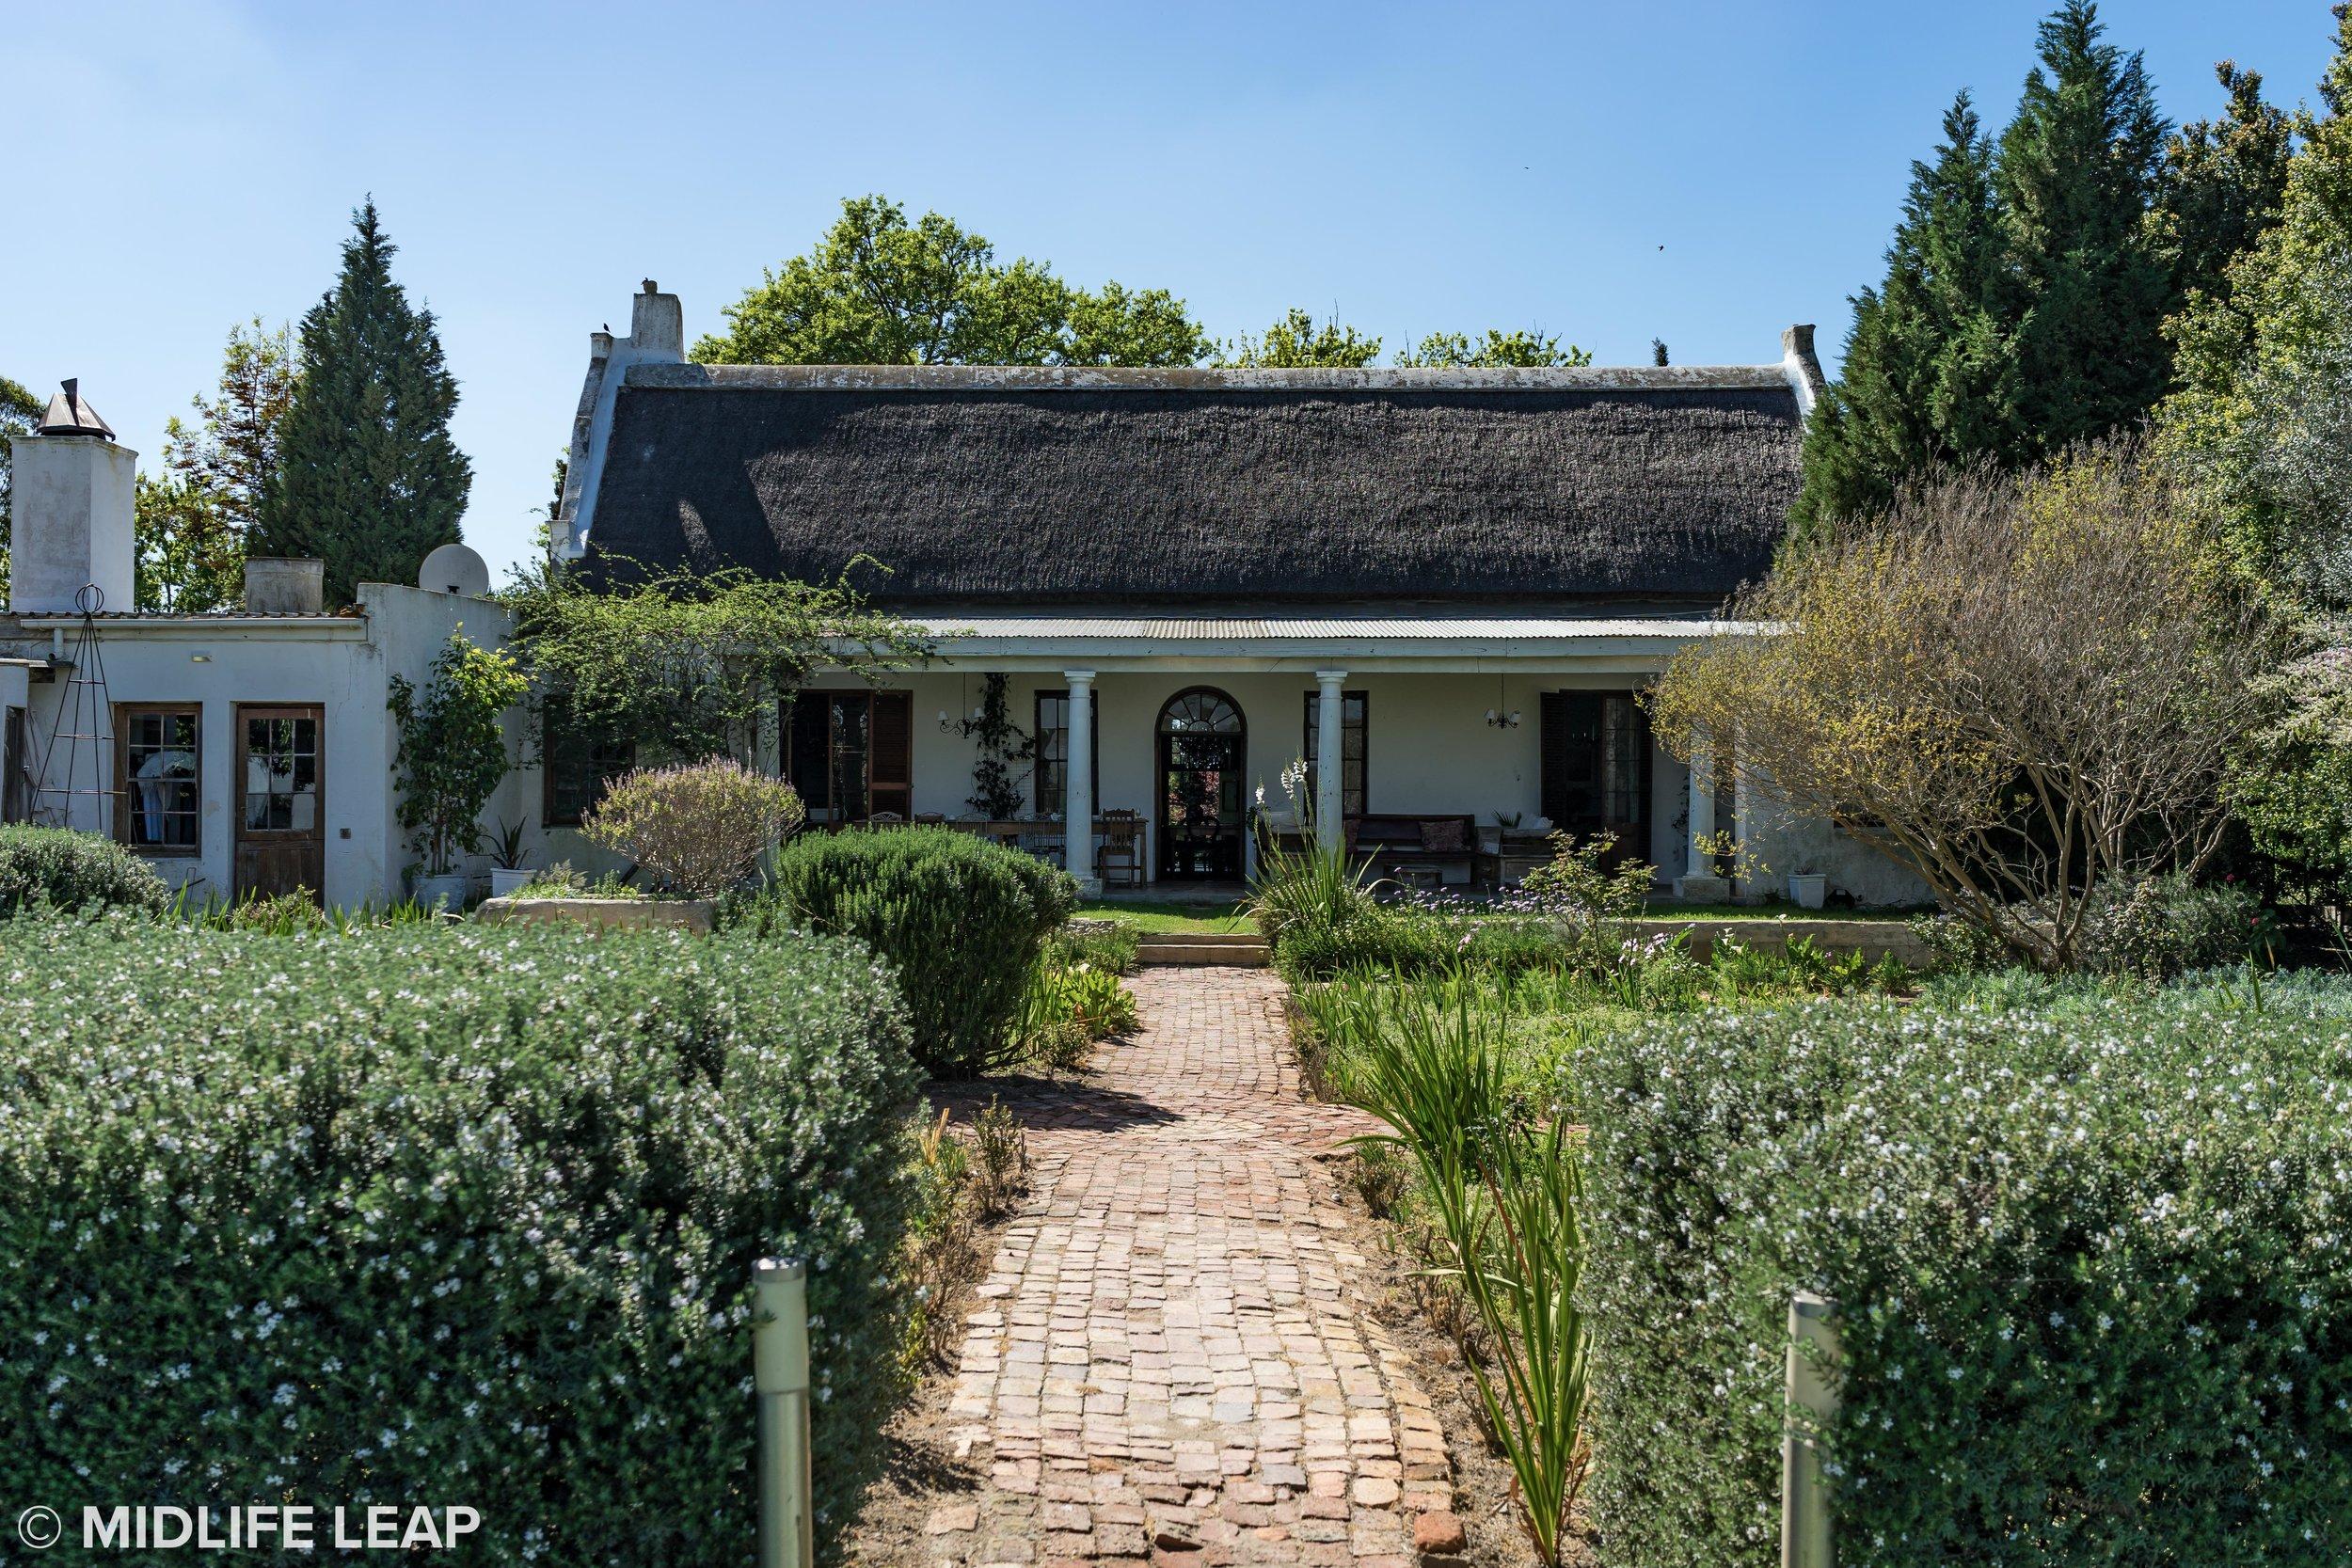 midlifeleap-south-africa-hawksmoor-house.jpg